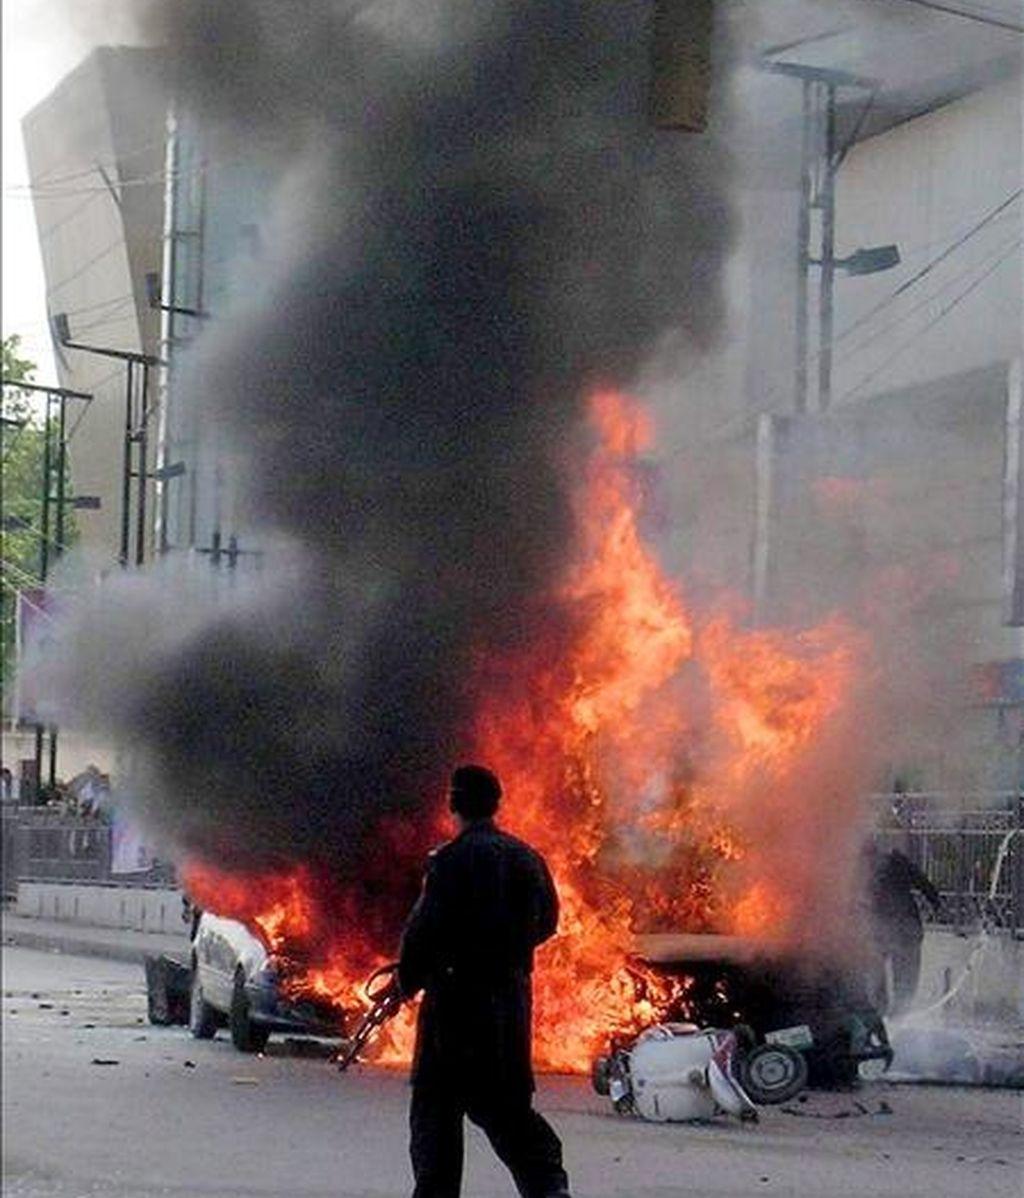 Vehículo en llamas propiedad del jefe de un cuerpo paramilitar de Policía, el comandante Sifwat Ghayoor, tras el atentado suicida en el que resultó muerto este miércoles en Peshawar (Pakistán). EFE